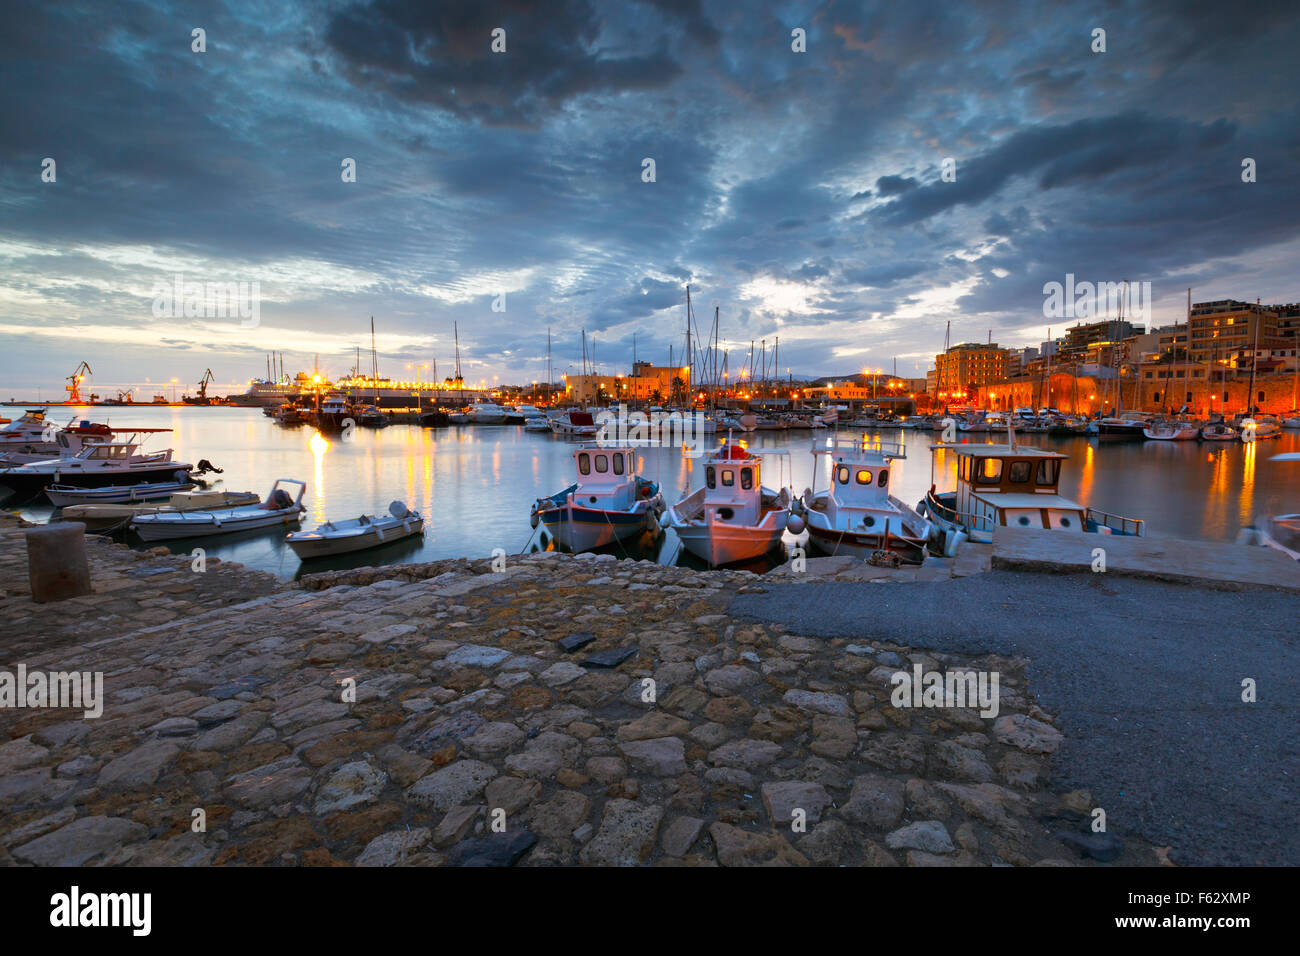 Il vecchio porto con barche da pesca e marina in Heraklion, Creta, Grecia Foto Stock